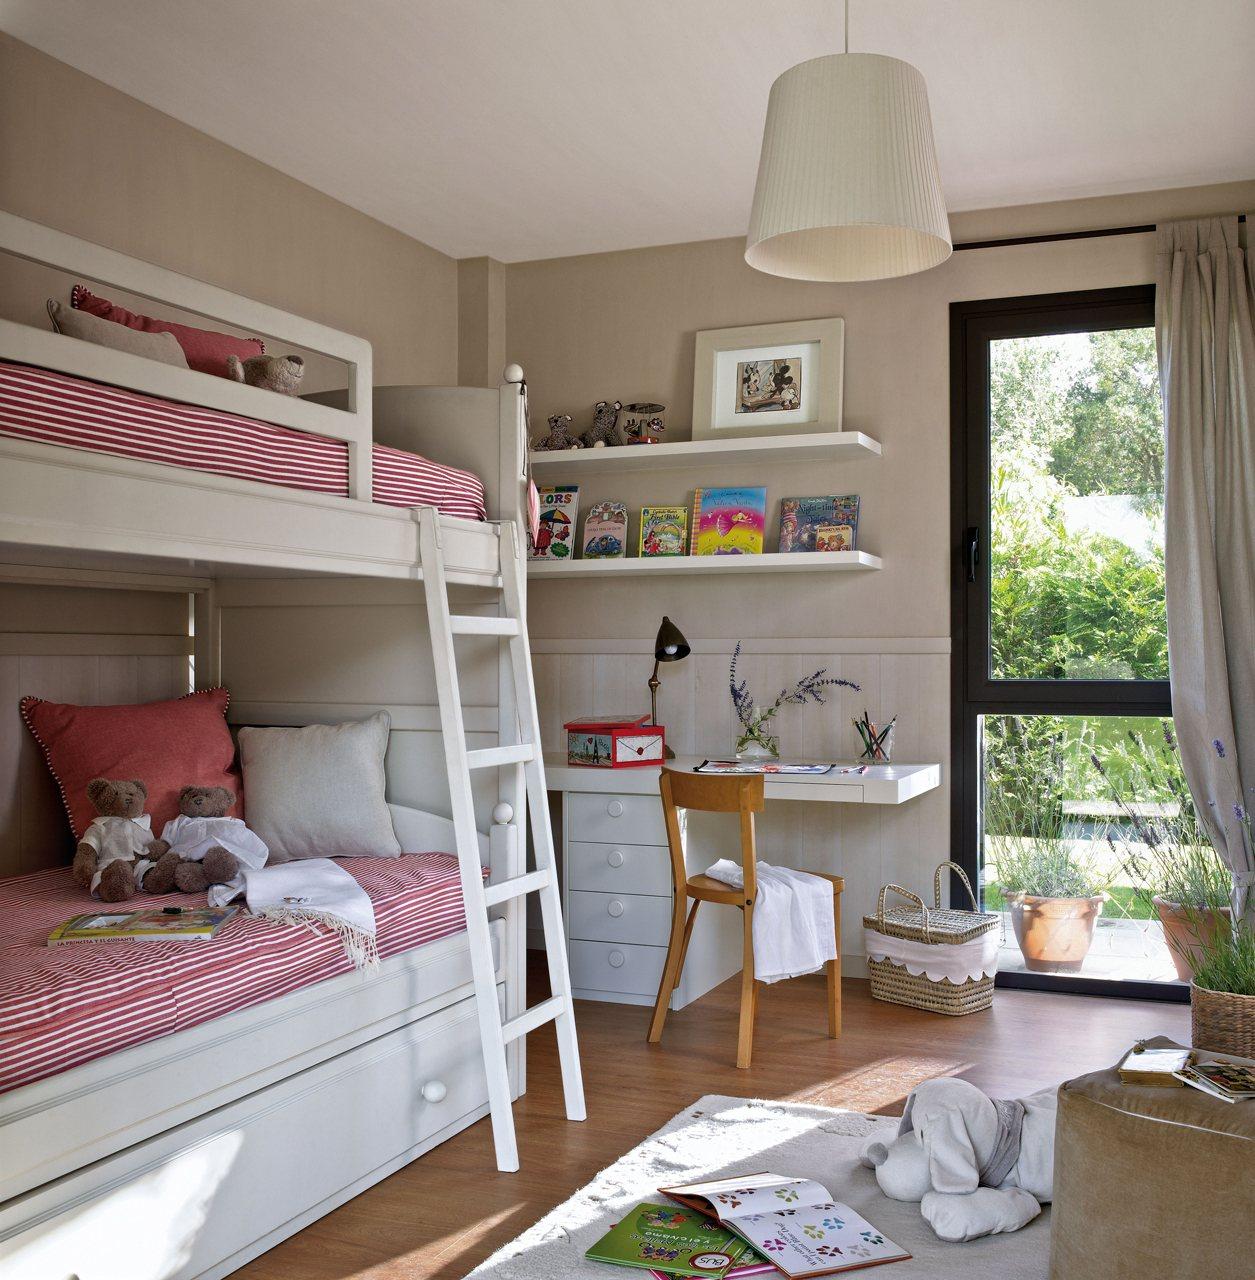 Literas pequeas para nios camas un dormitorio con literas para dos hermanos amueblar un - Caballeros y princesas literas ...